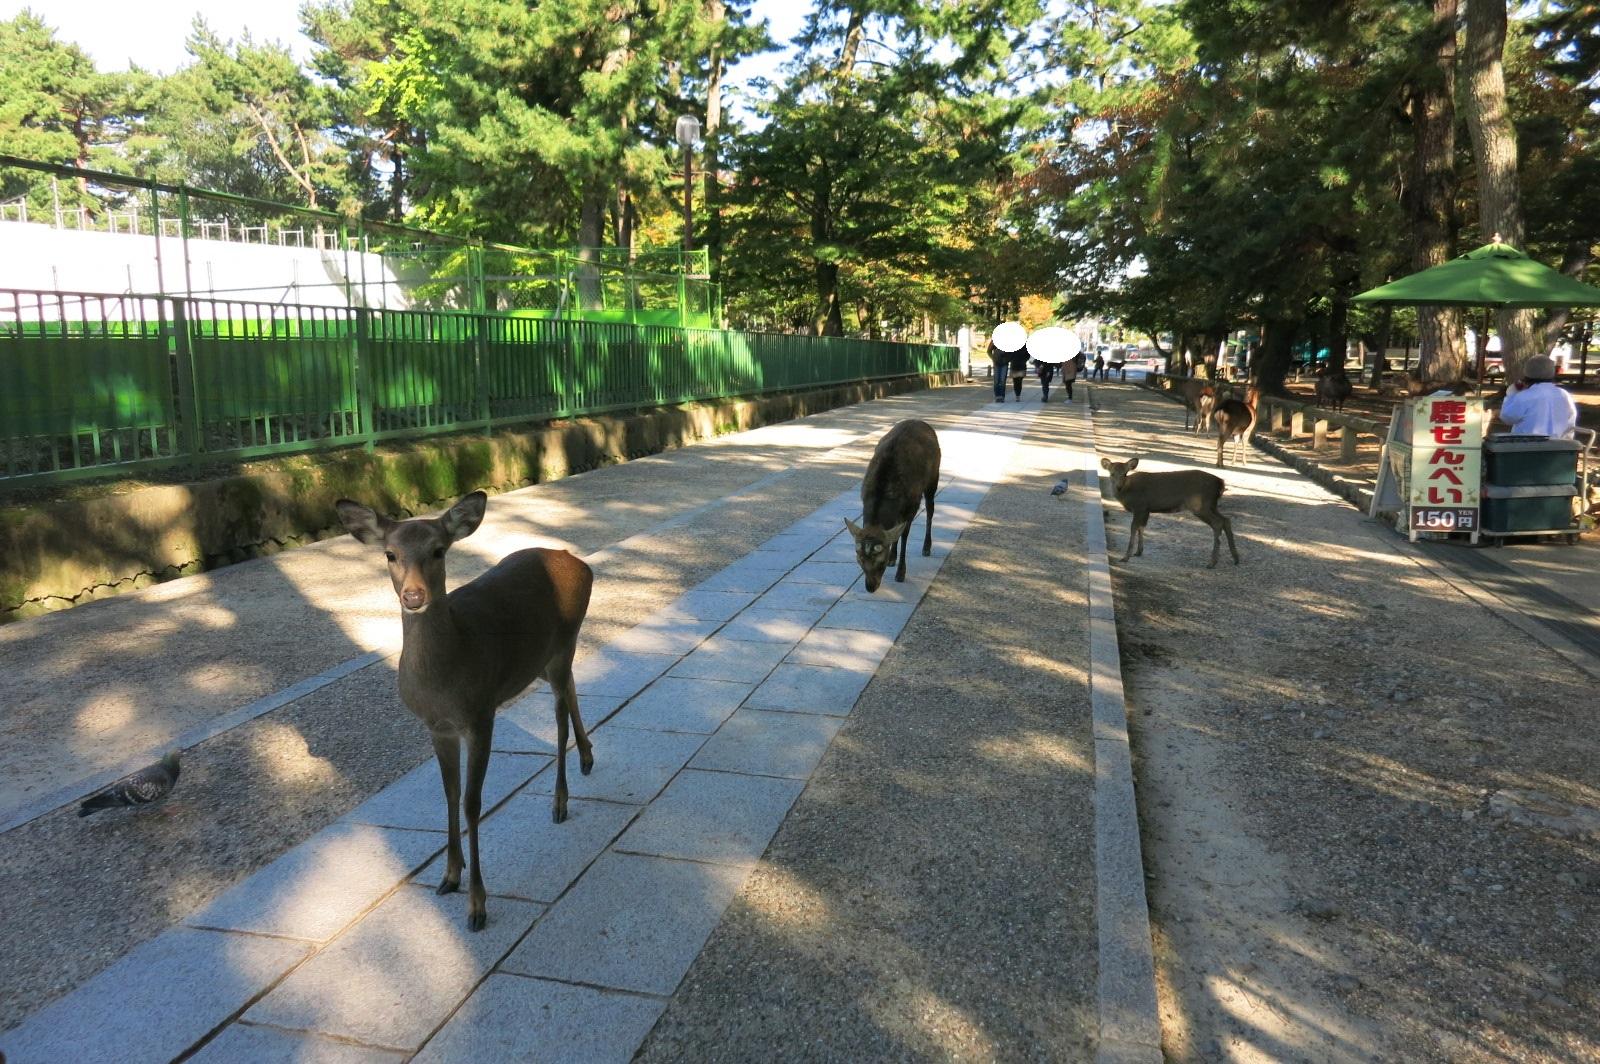 鹿さんたちのいる奈良公園内を歩き、